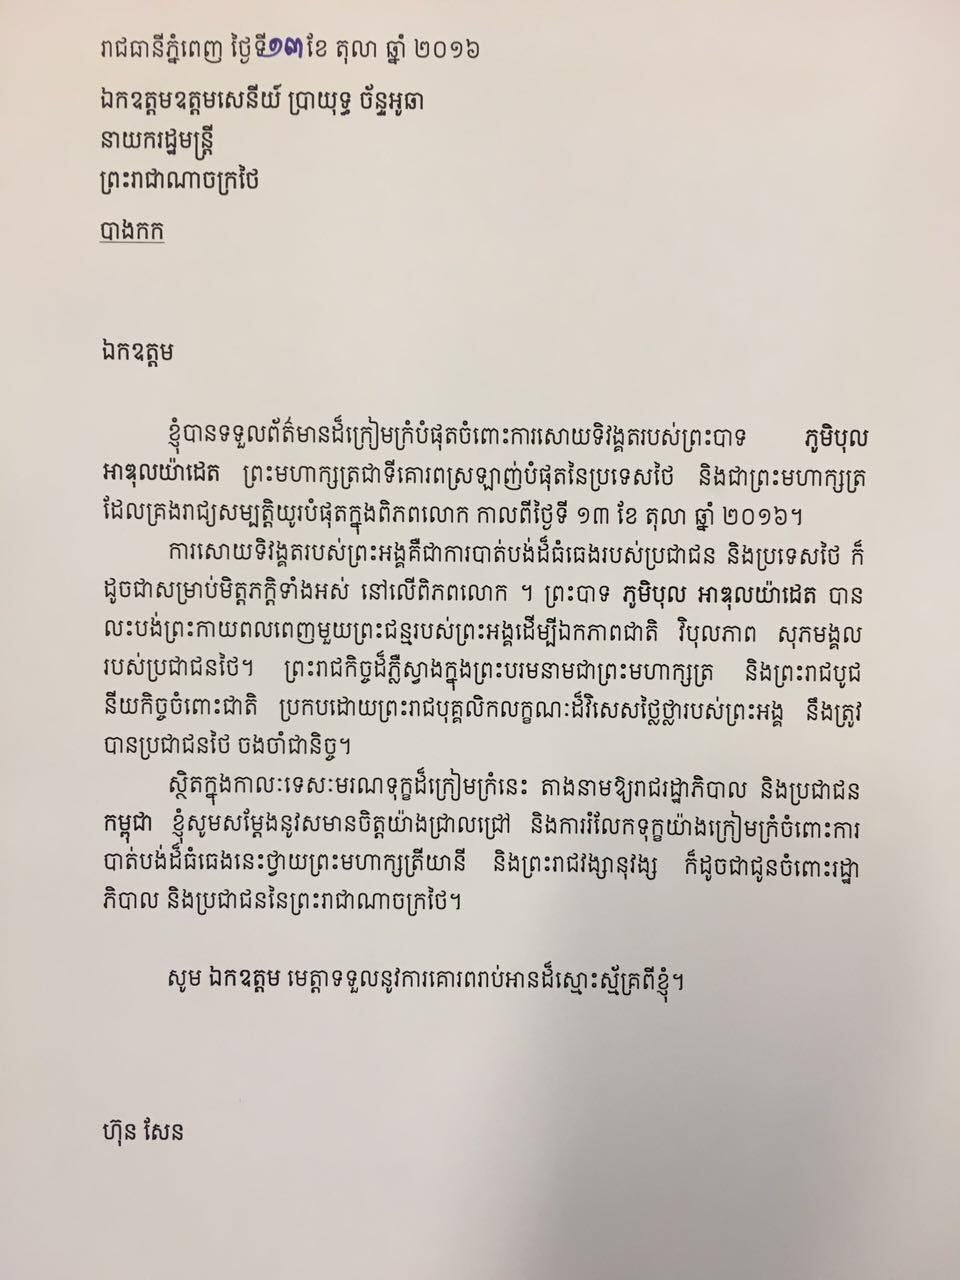 letter-samdech-14-10-16-1